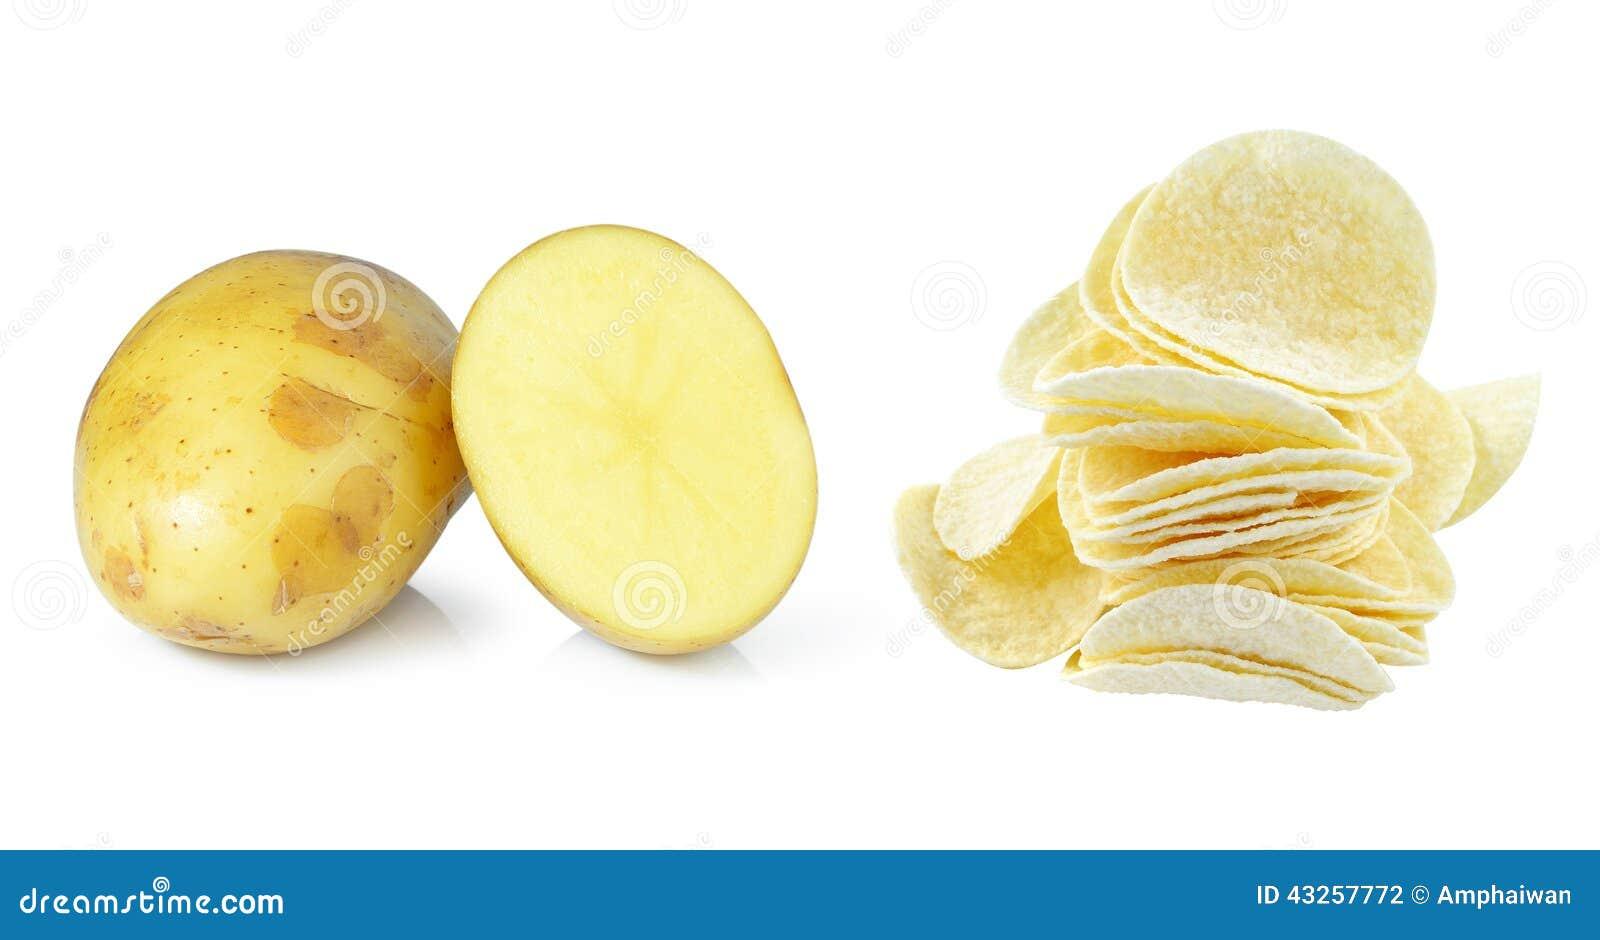 土豆和土豆片 库存照片 - 图片: 43257772图片